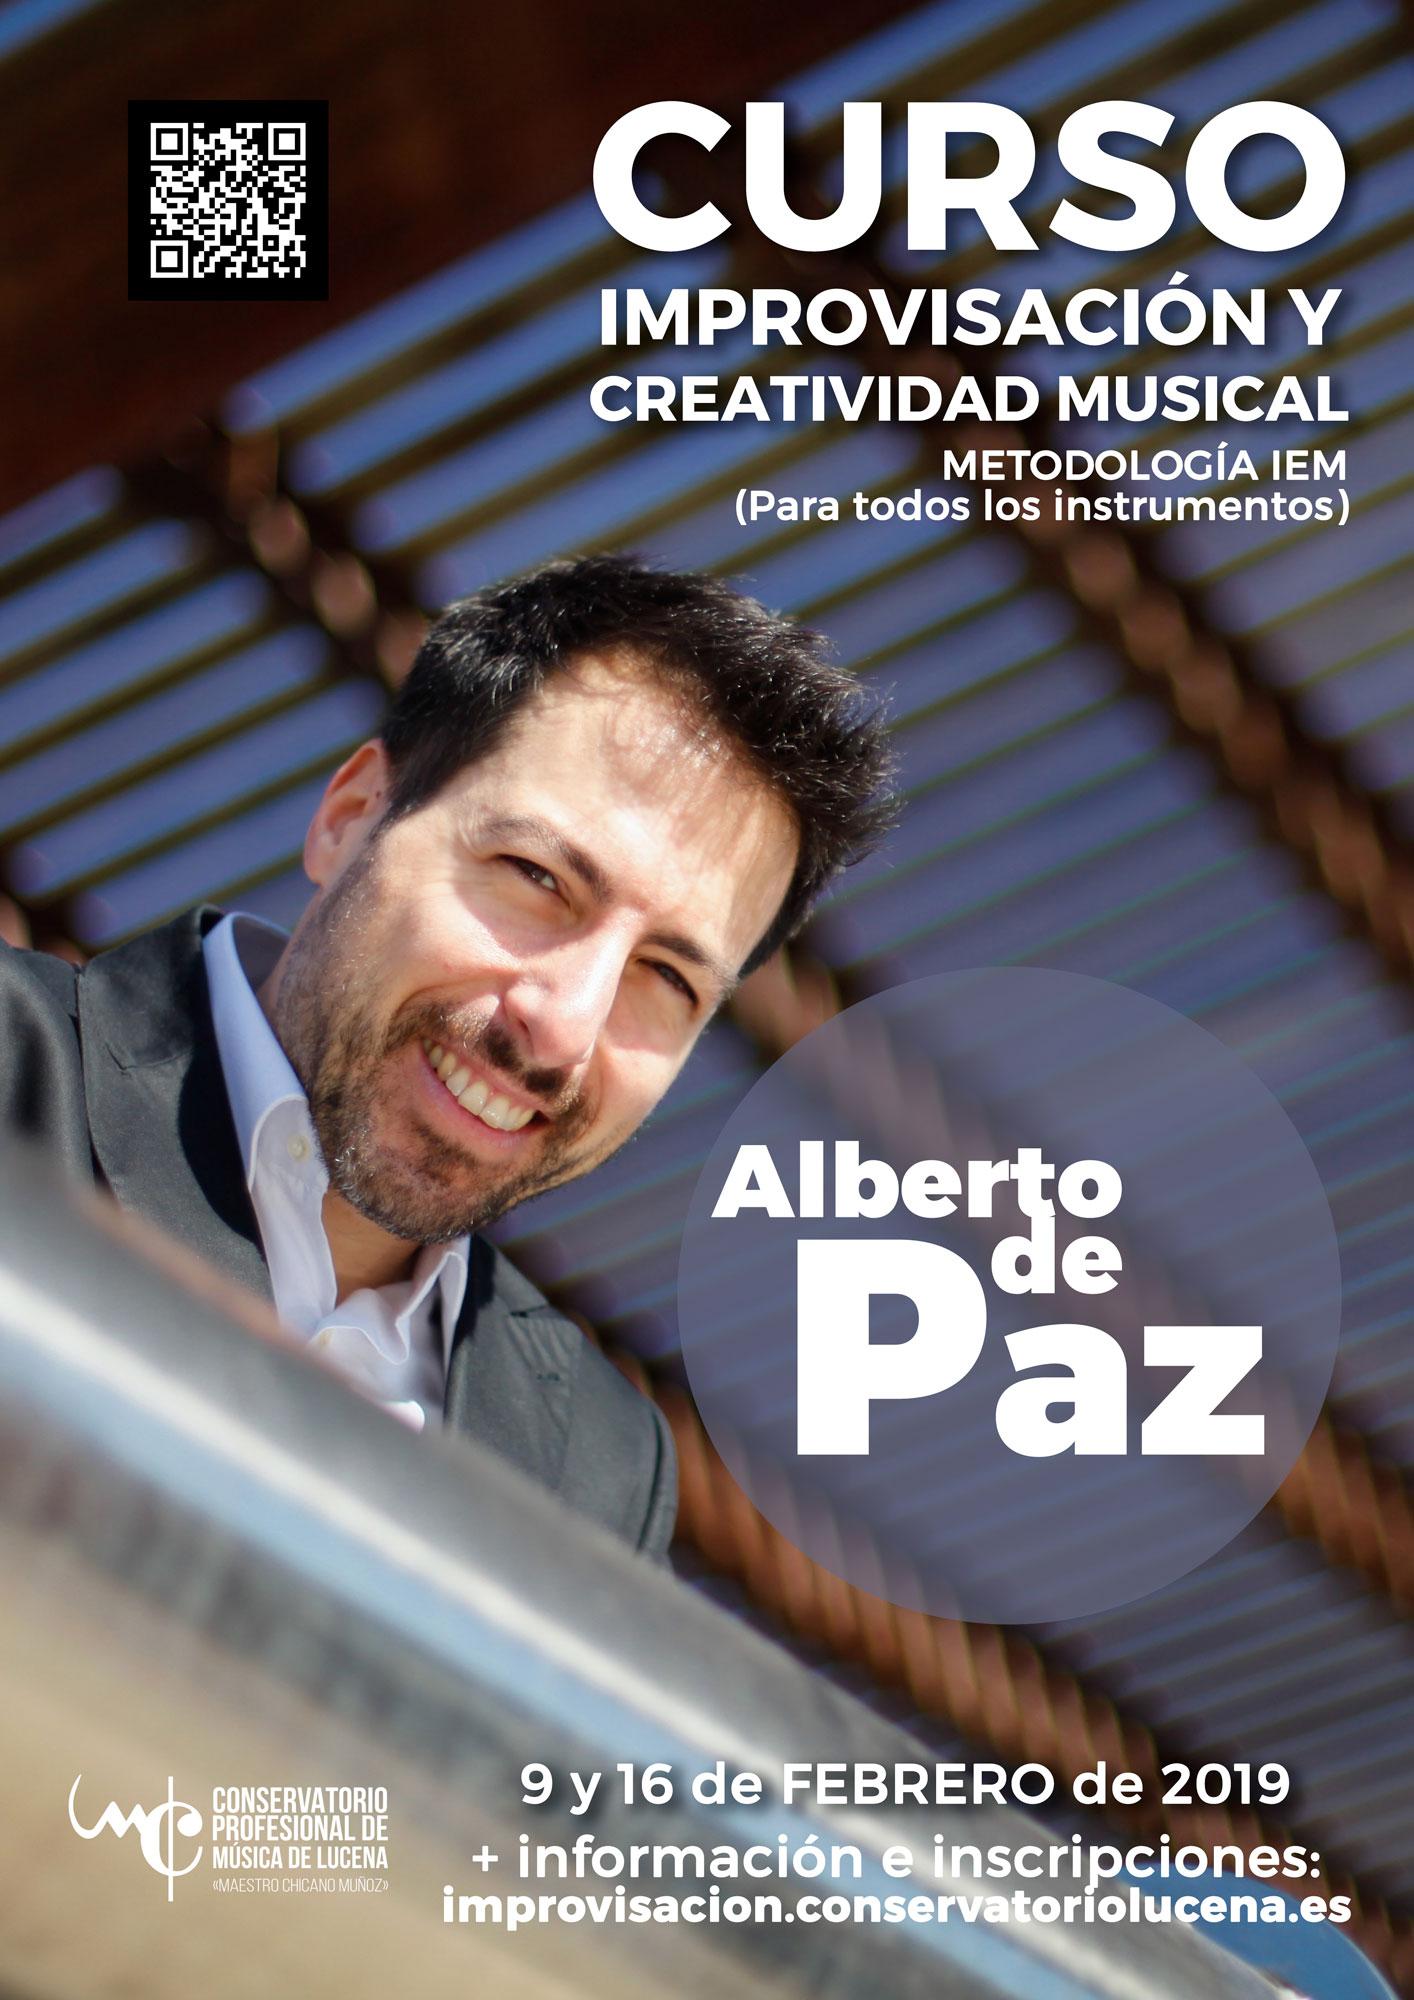 Curso de improvisación y creatividad musical